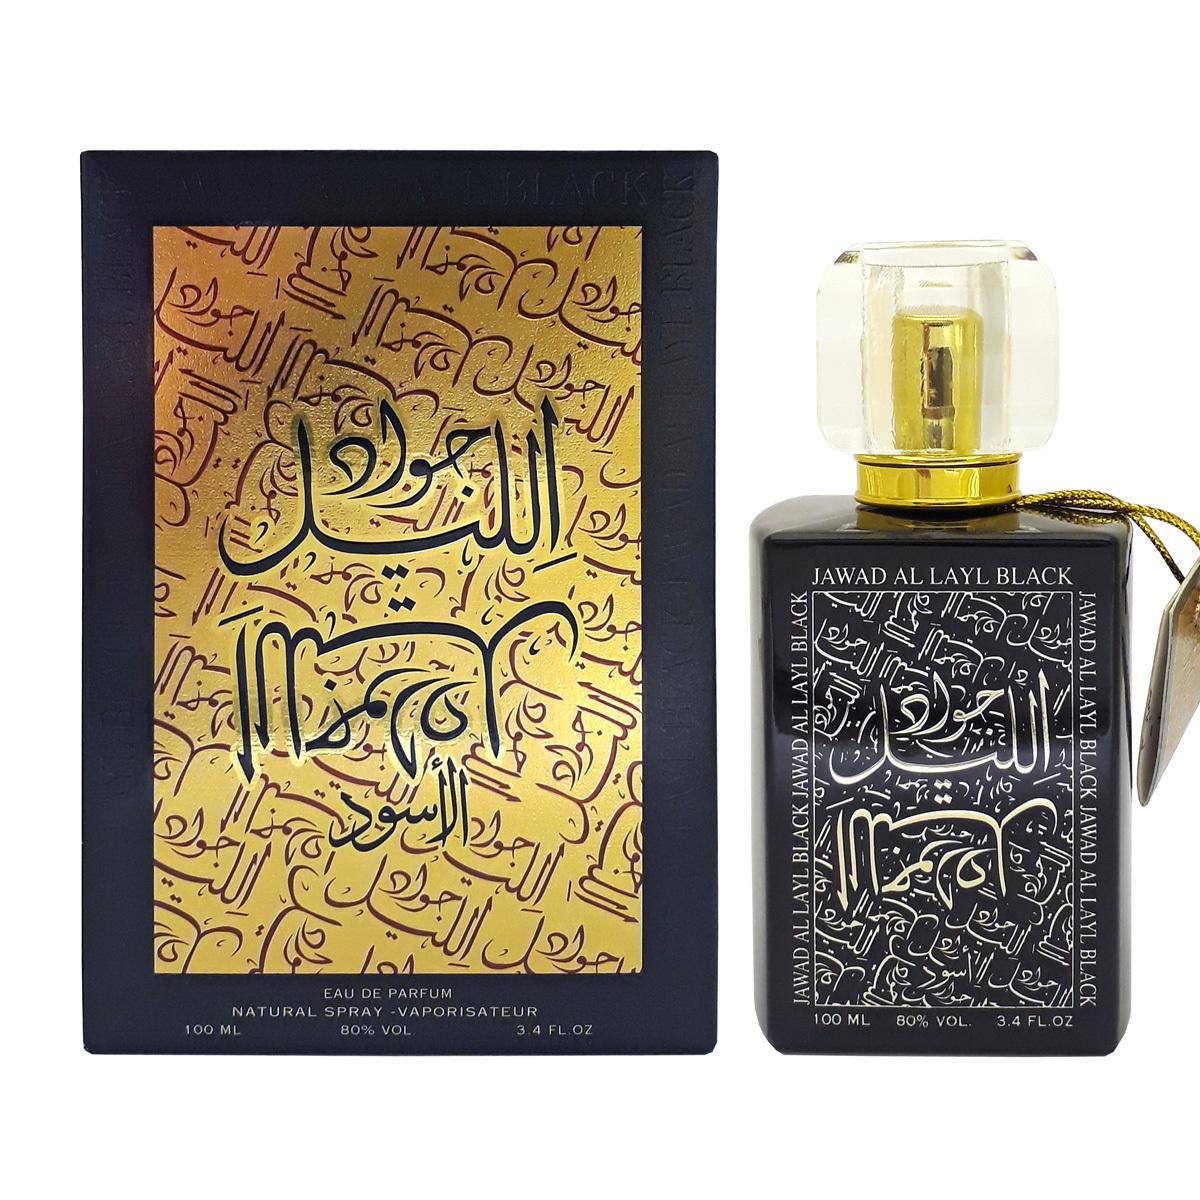 Пробник для Jawad al Layl Black  Джавад аль Лайл Черный 1 мл спрей от Халис Khalis Perfumes